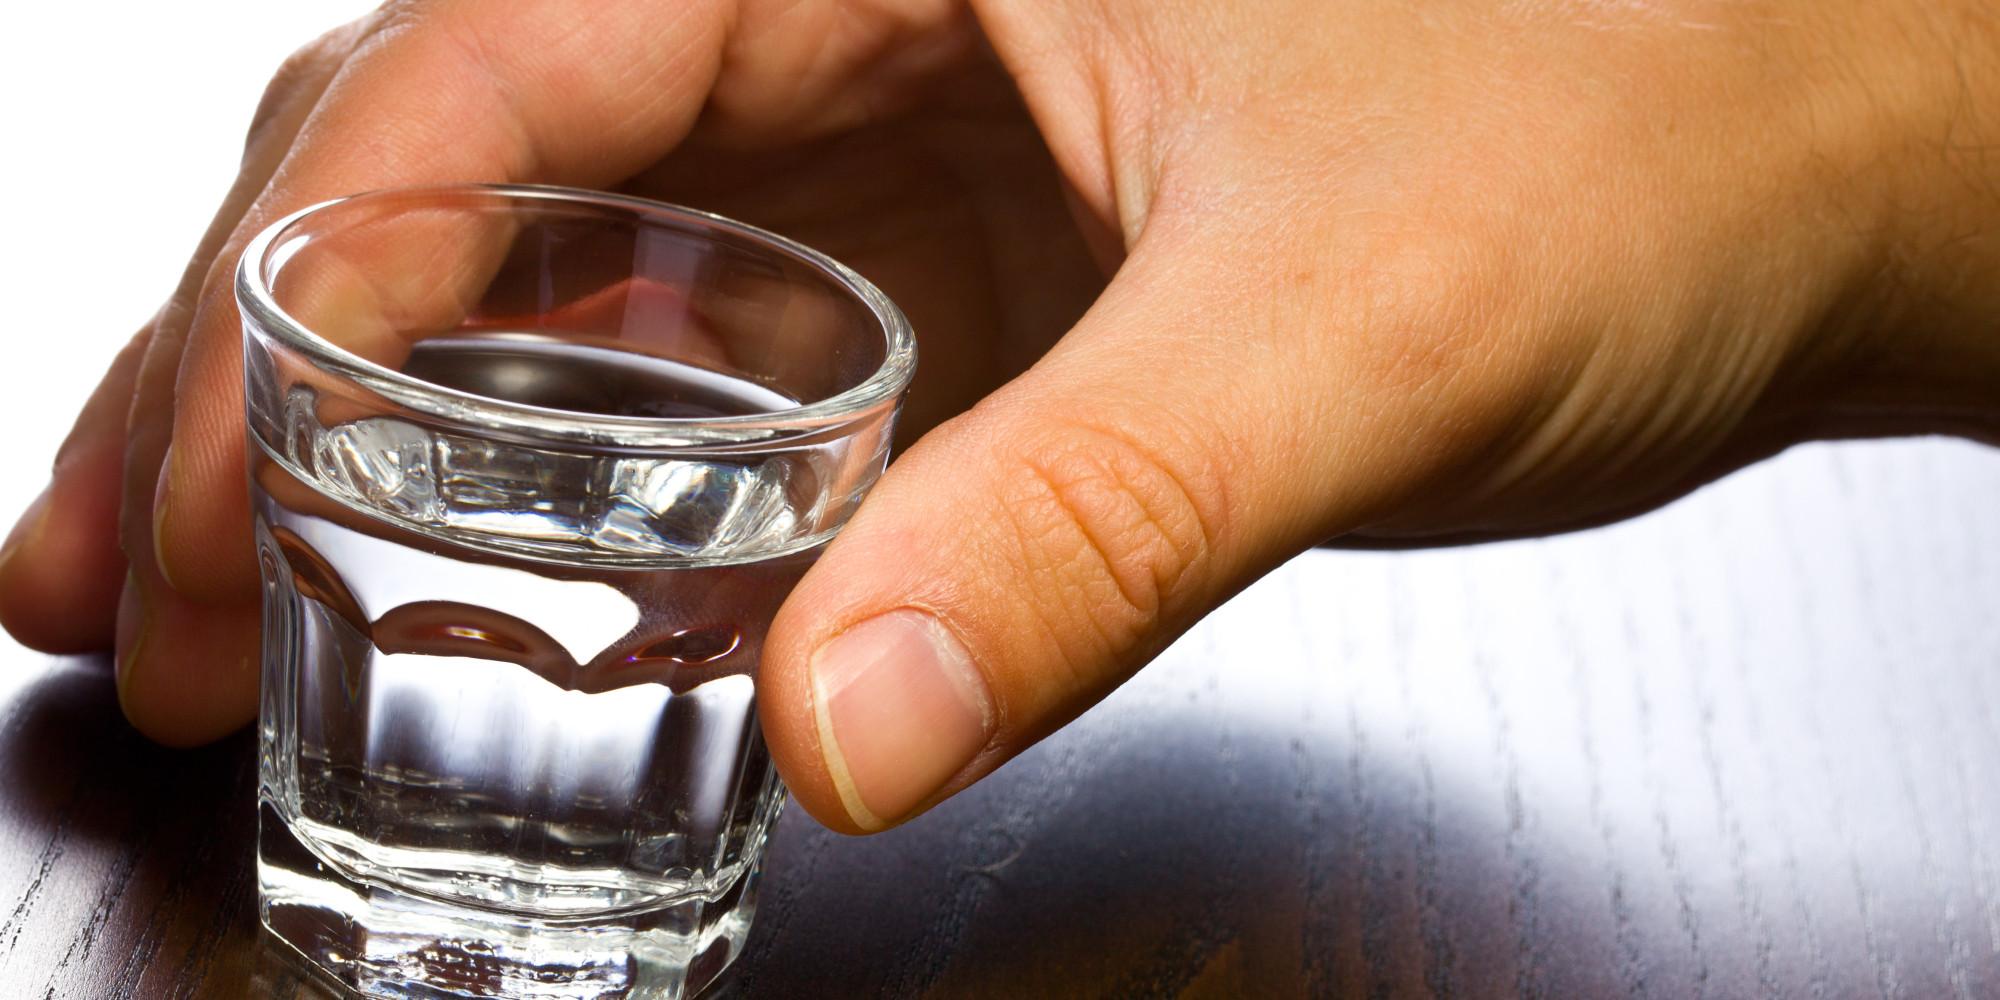 Опрокинуть стопку водки - самый простой способ снять похмелье, или начать опять напиваться